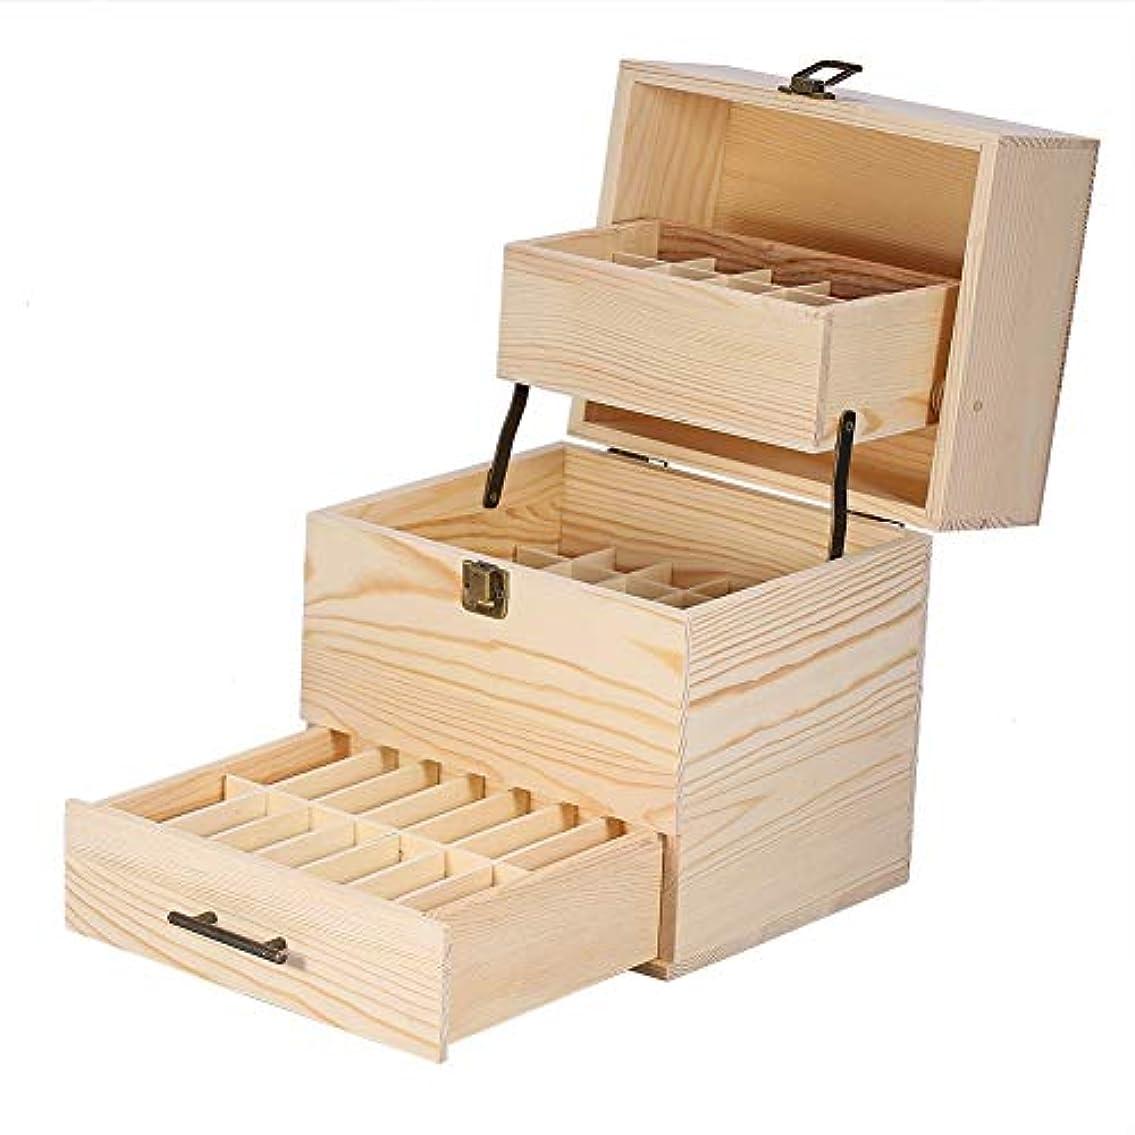 石炭脆い提案する木製の三層エッセンシャルオイル収納ボックス